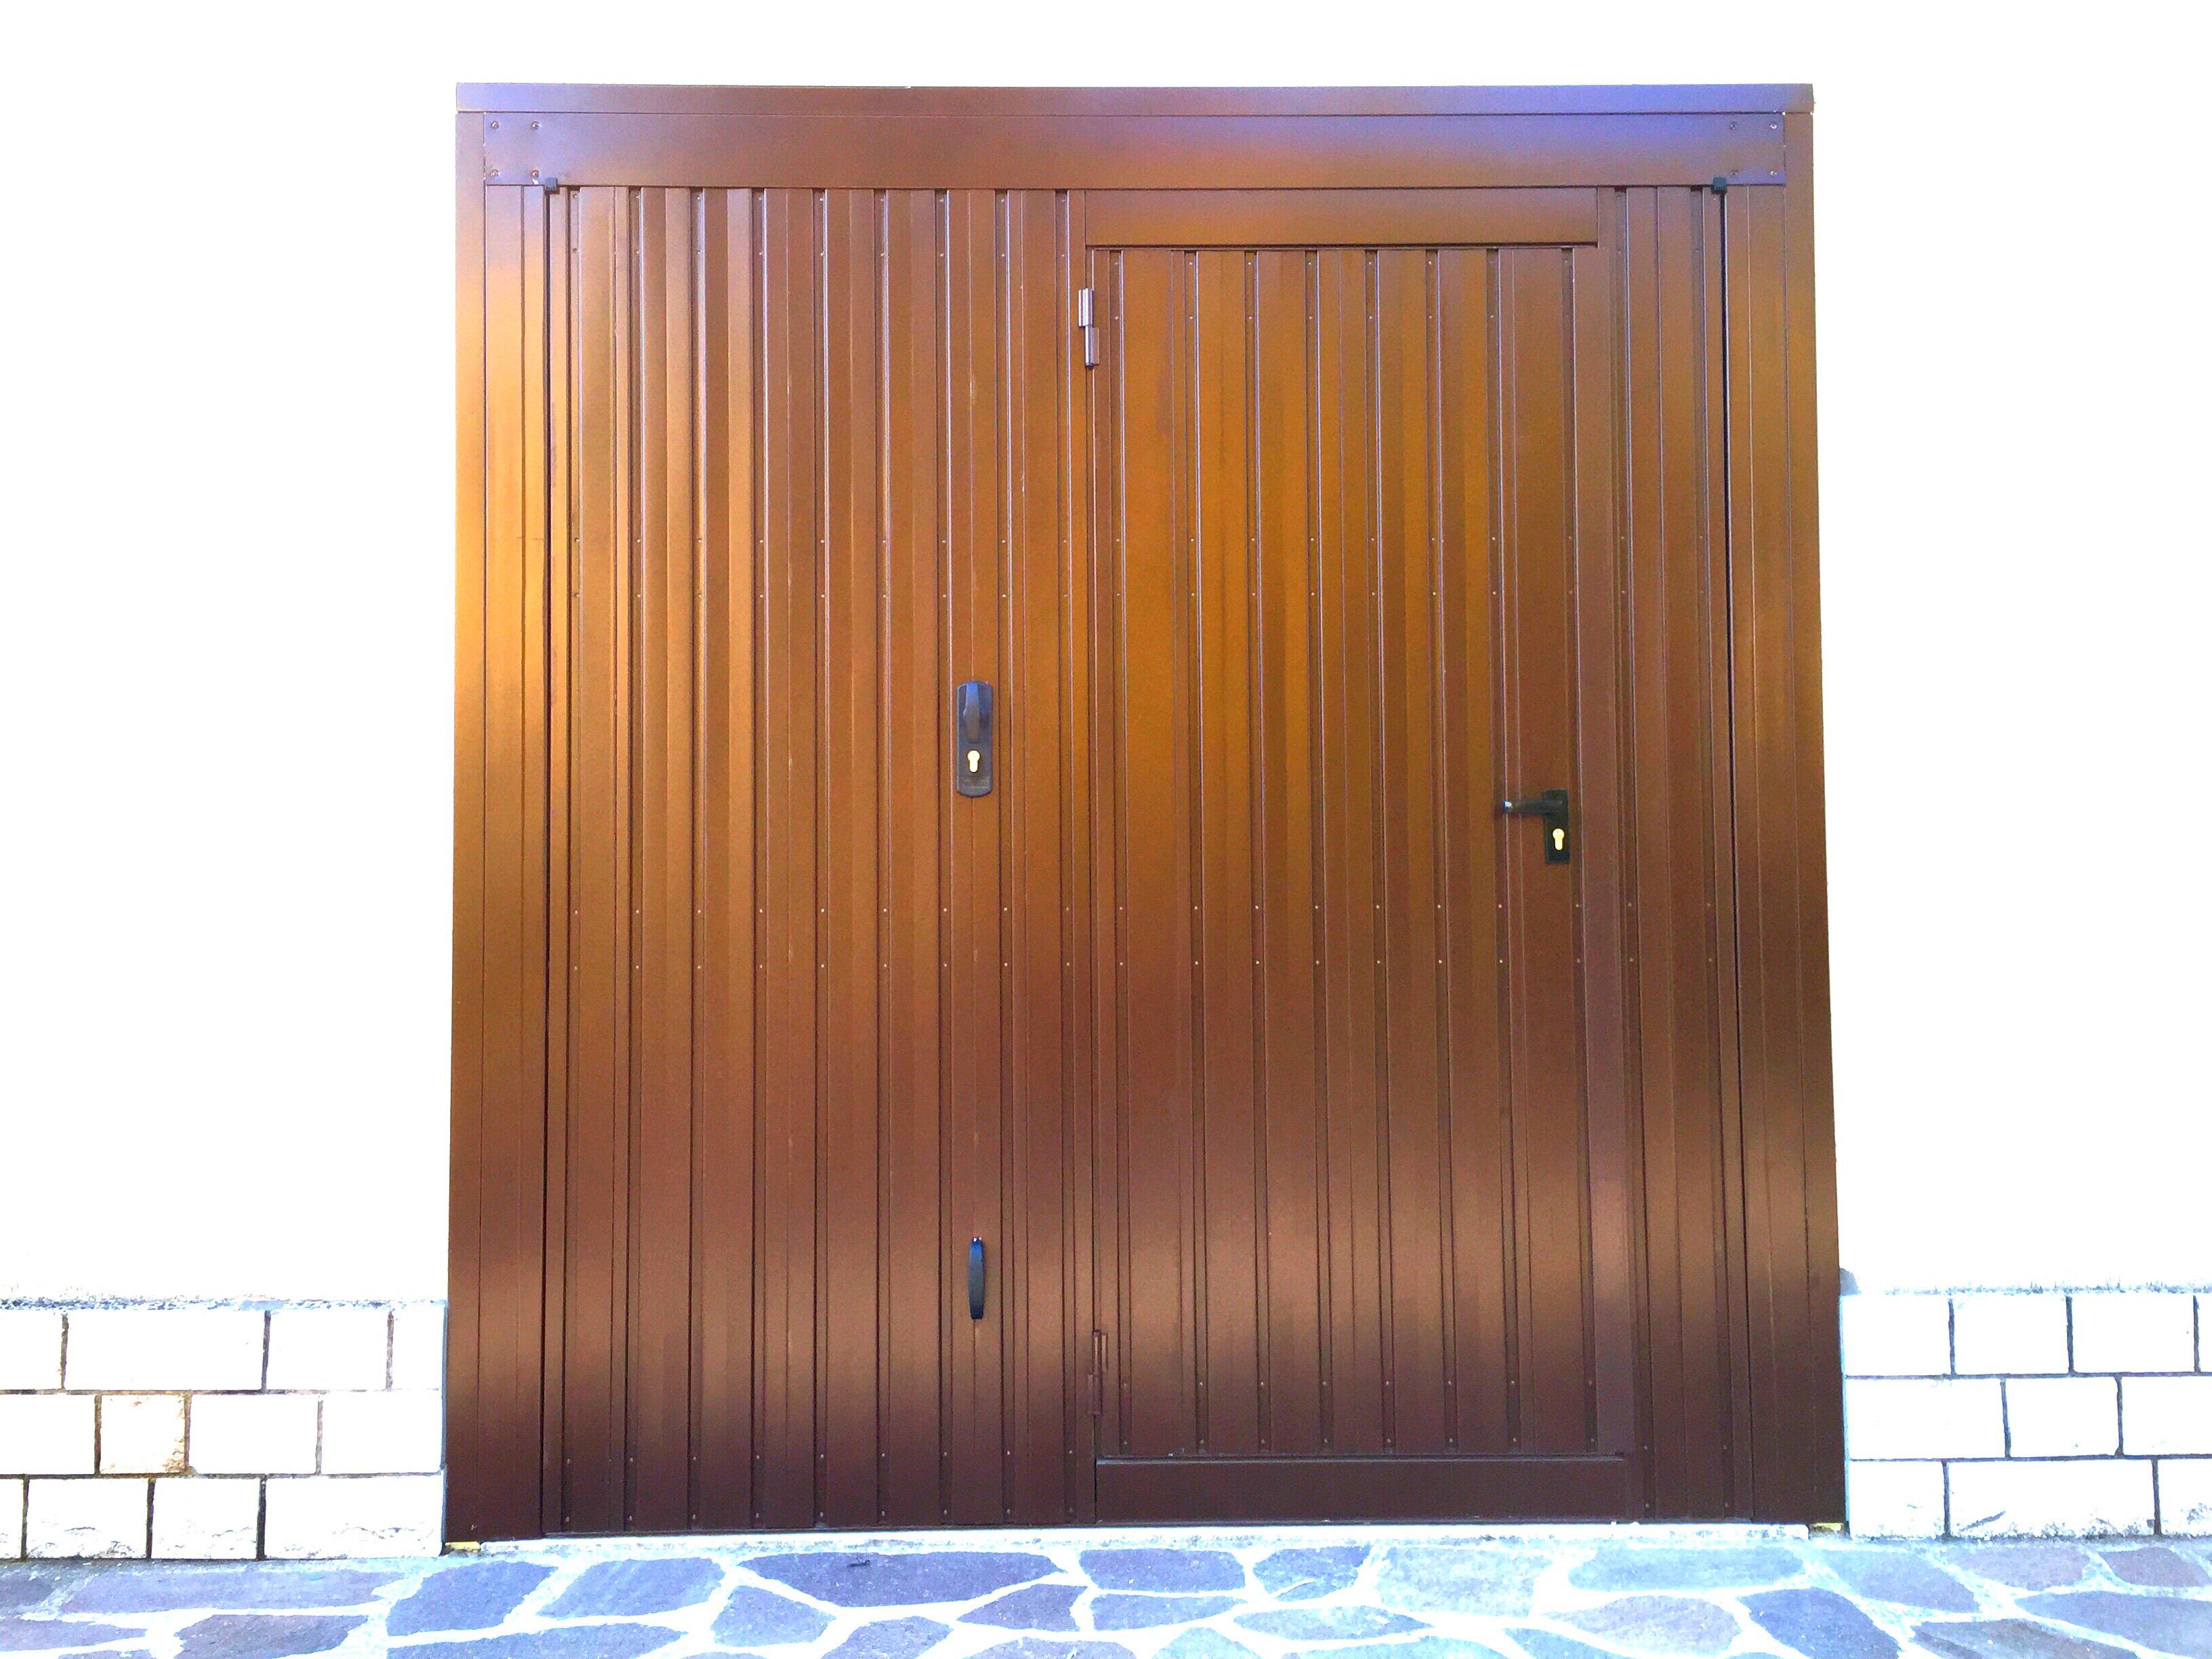 Sostituzione senza opere murarie di porta basculante da garage in acciaio zincato  e verniciato , con portina pedonale integrata , abitazione a Castelverde (CR).